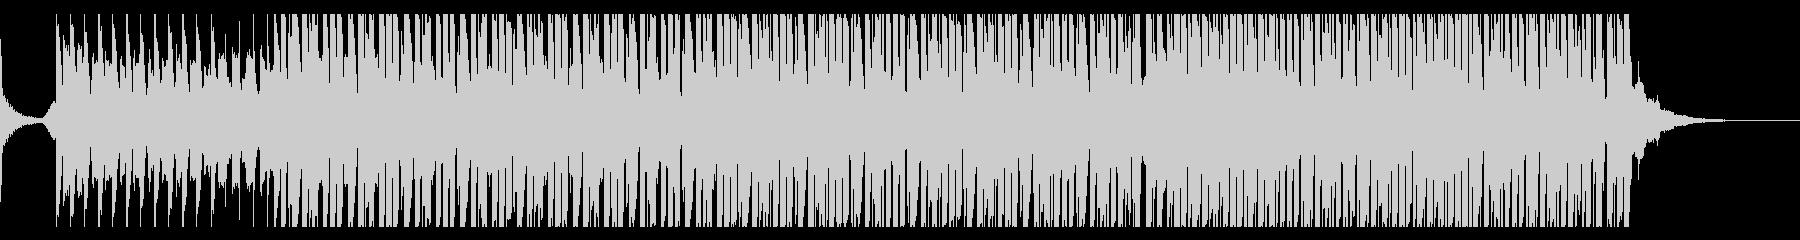 心躍るサマーポップ(60秒)の未再生の波形